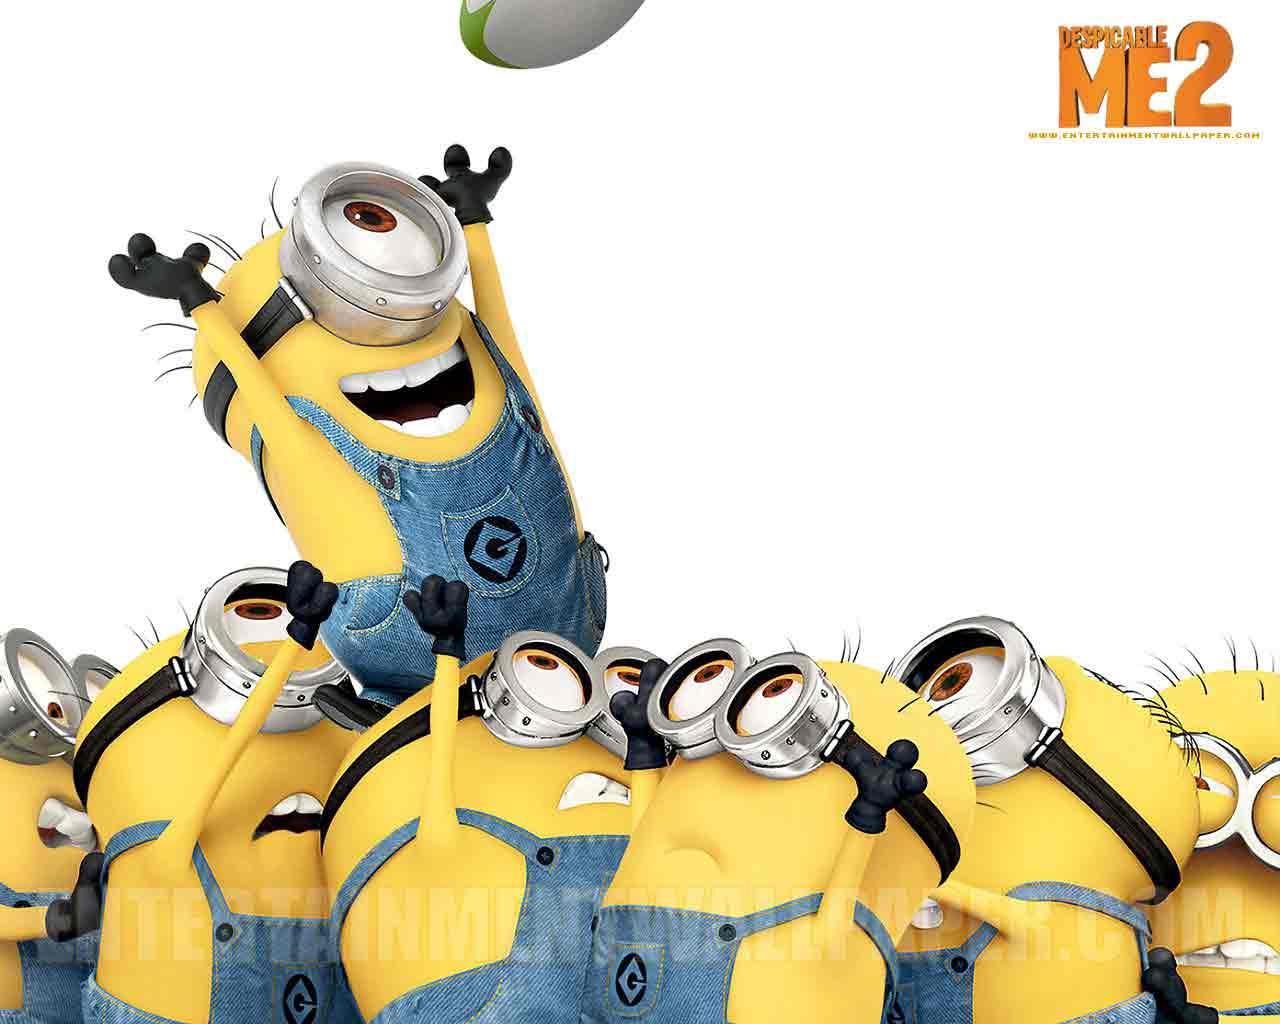 Minionsfr Les Minions Boutique Shop Papuches Jeux Articles 1280x1024